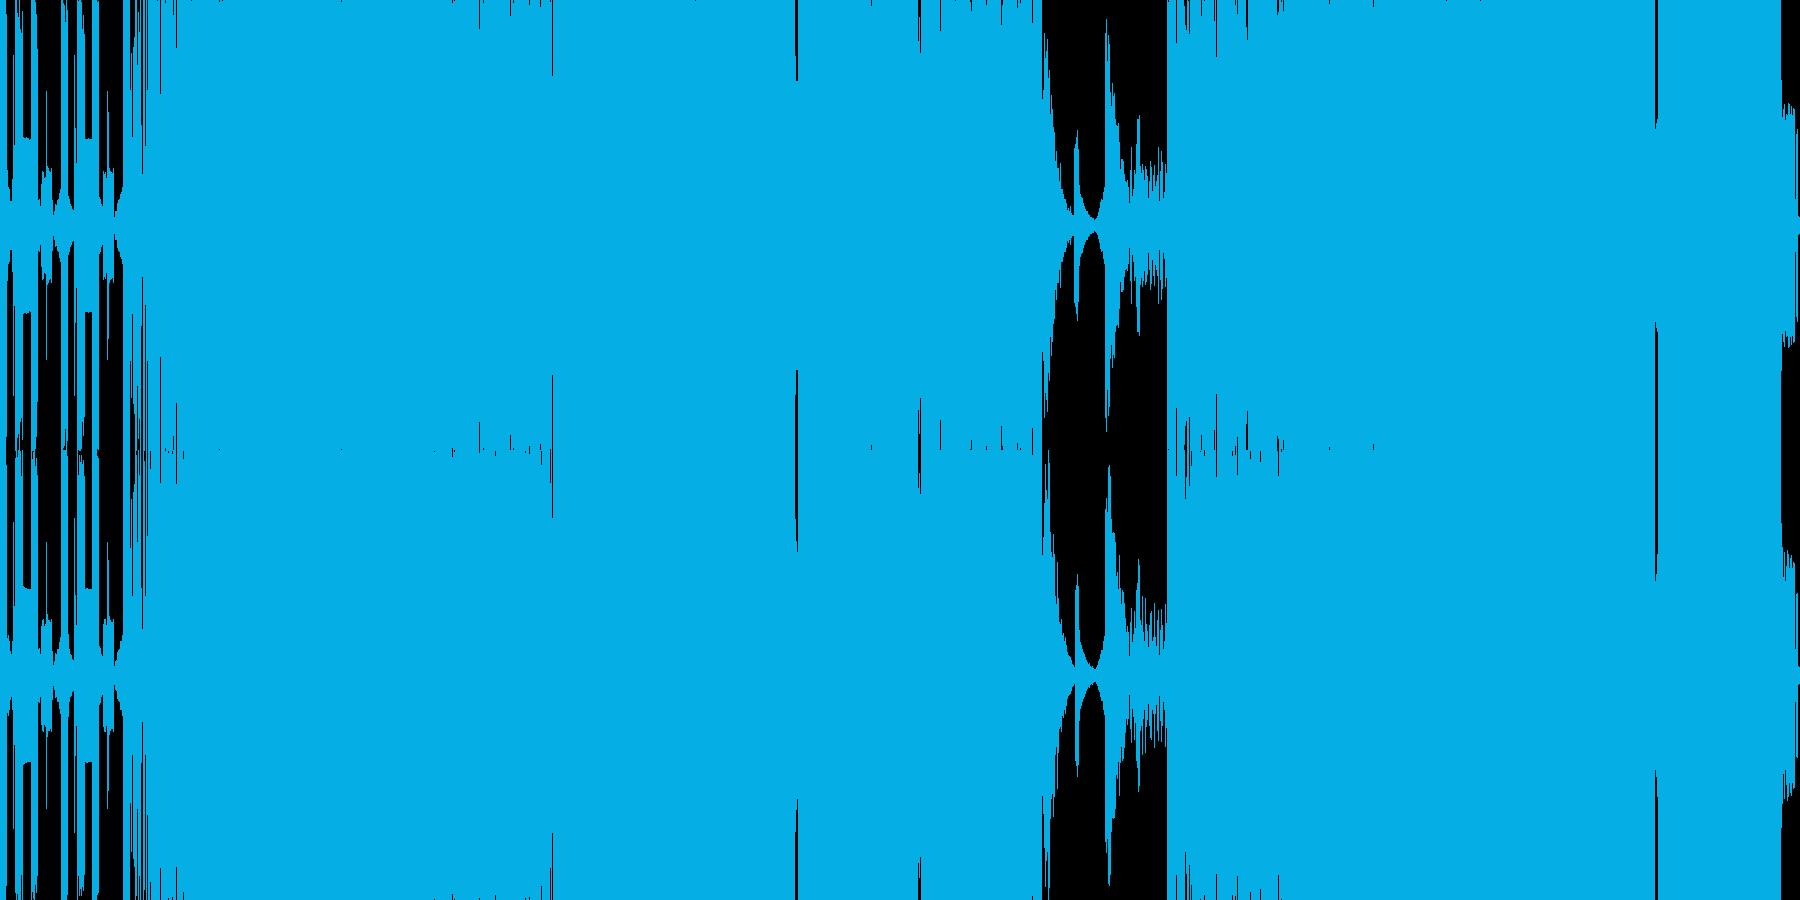 ダークな雰囲気のドラムンベースです。の再生済みの波形